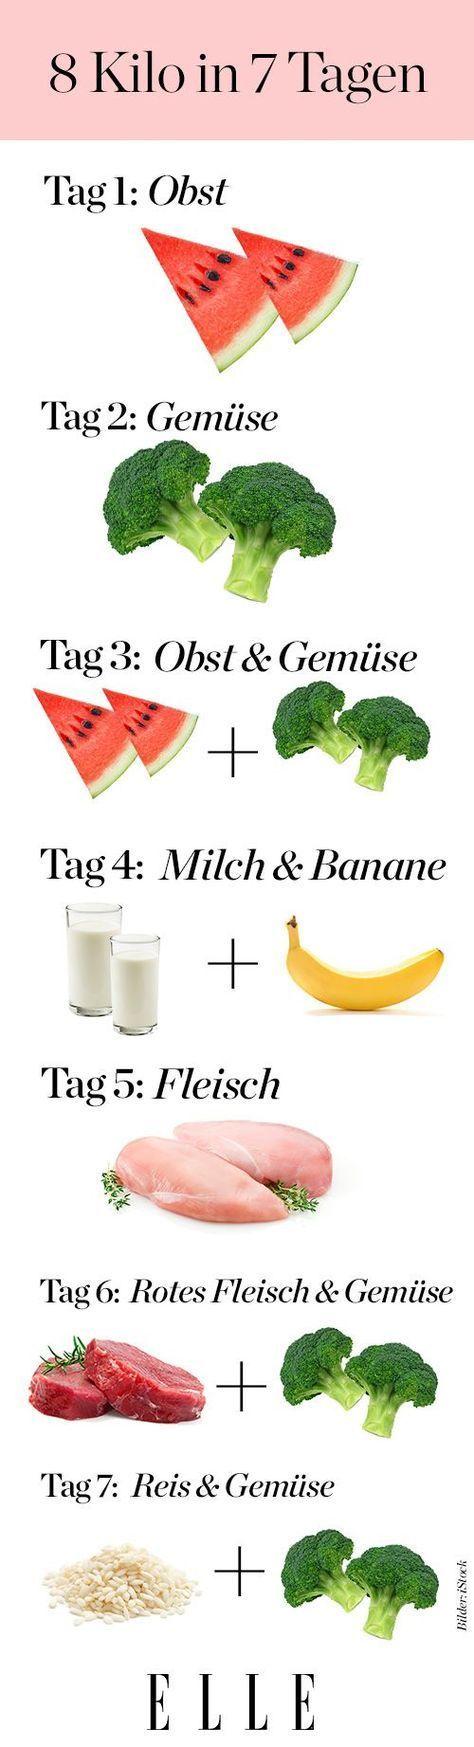 8 Kilo in 7 Tagen abnehmen: Die Crash-Diät im Check #diet